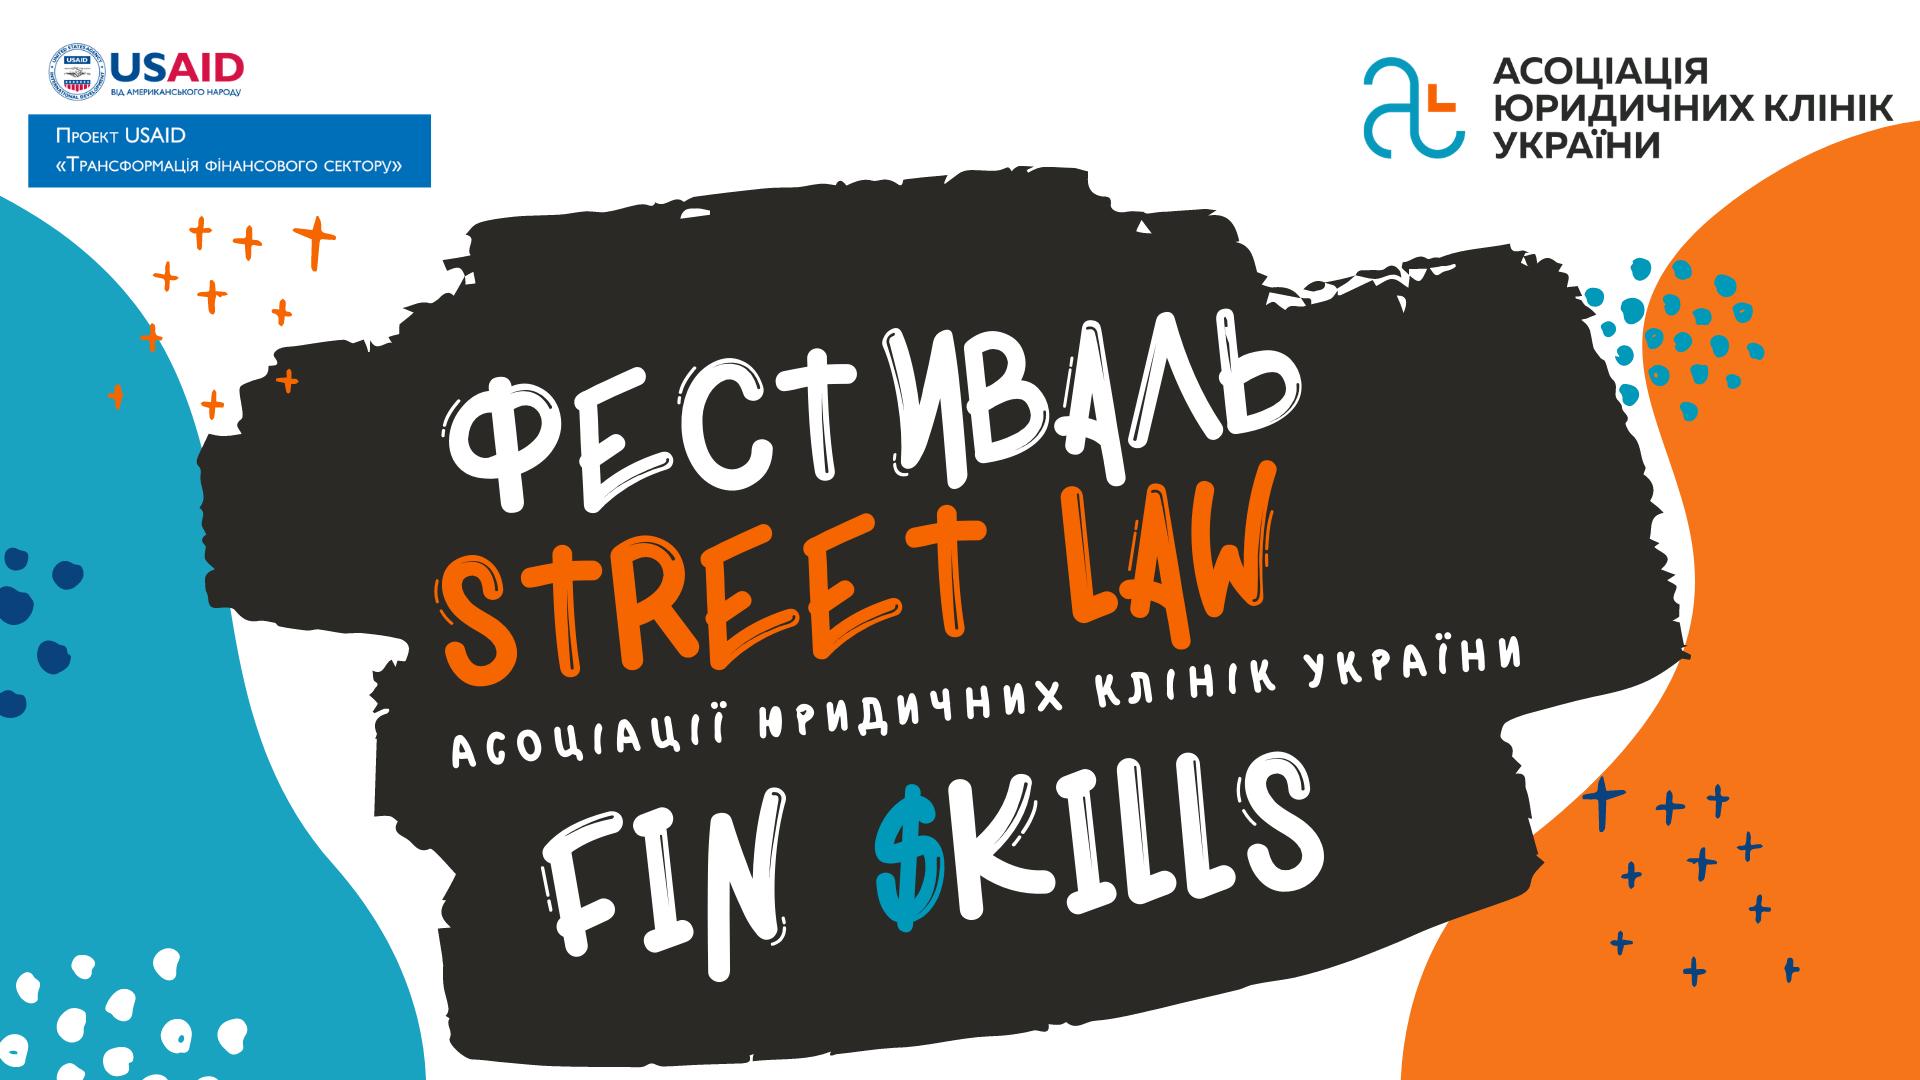 АЮКУ оголошує прийом робіт до Фестивалю Srteet Law 2021